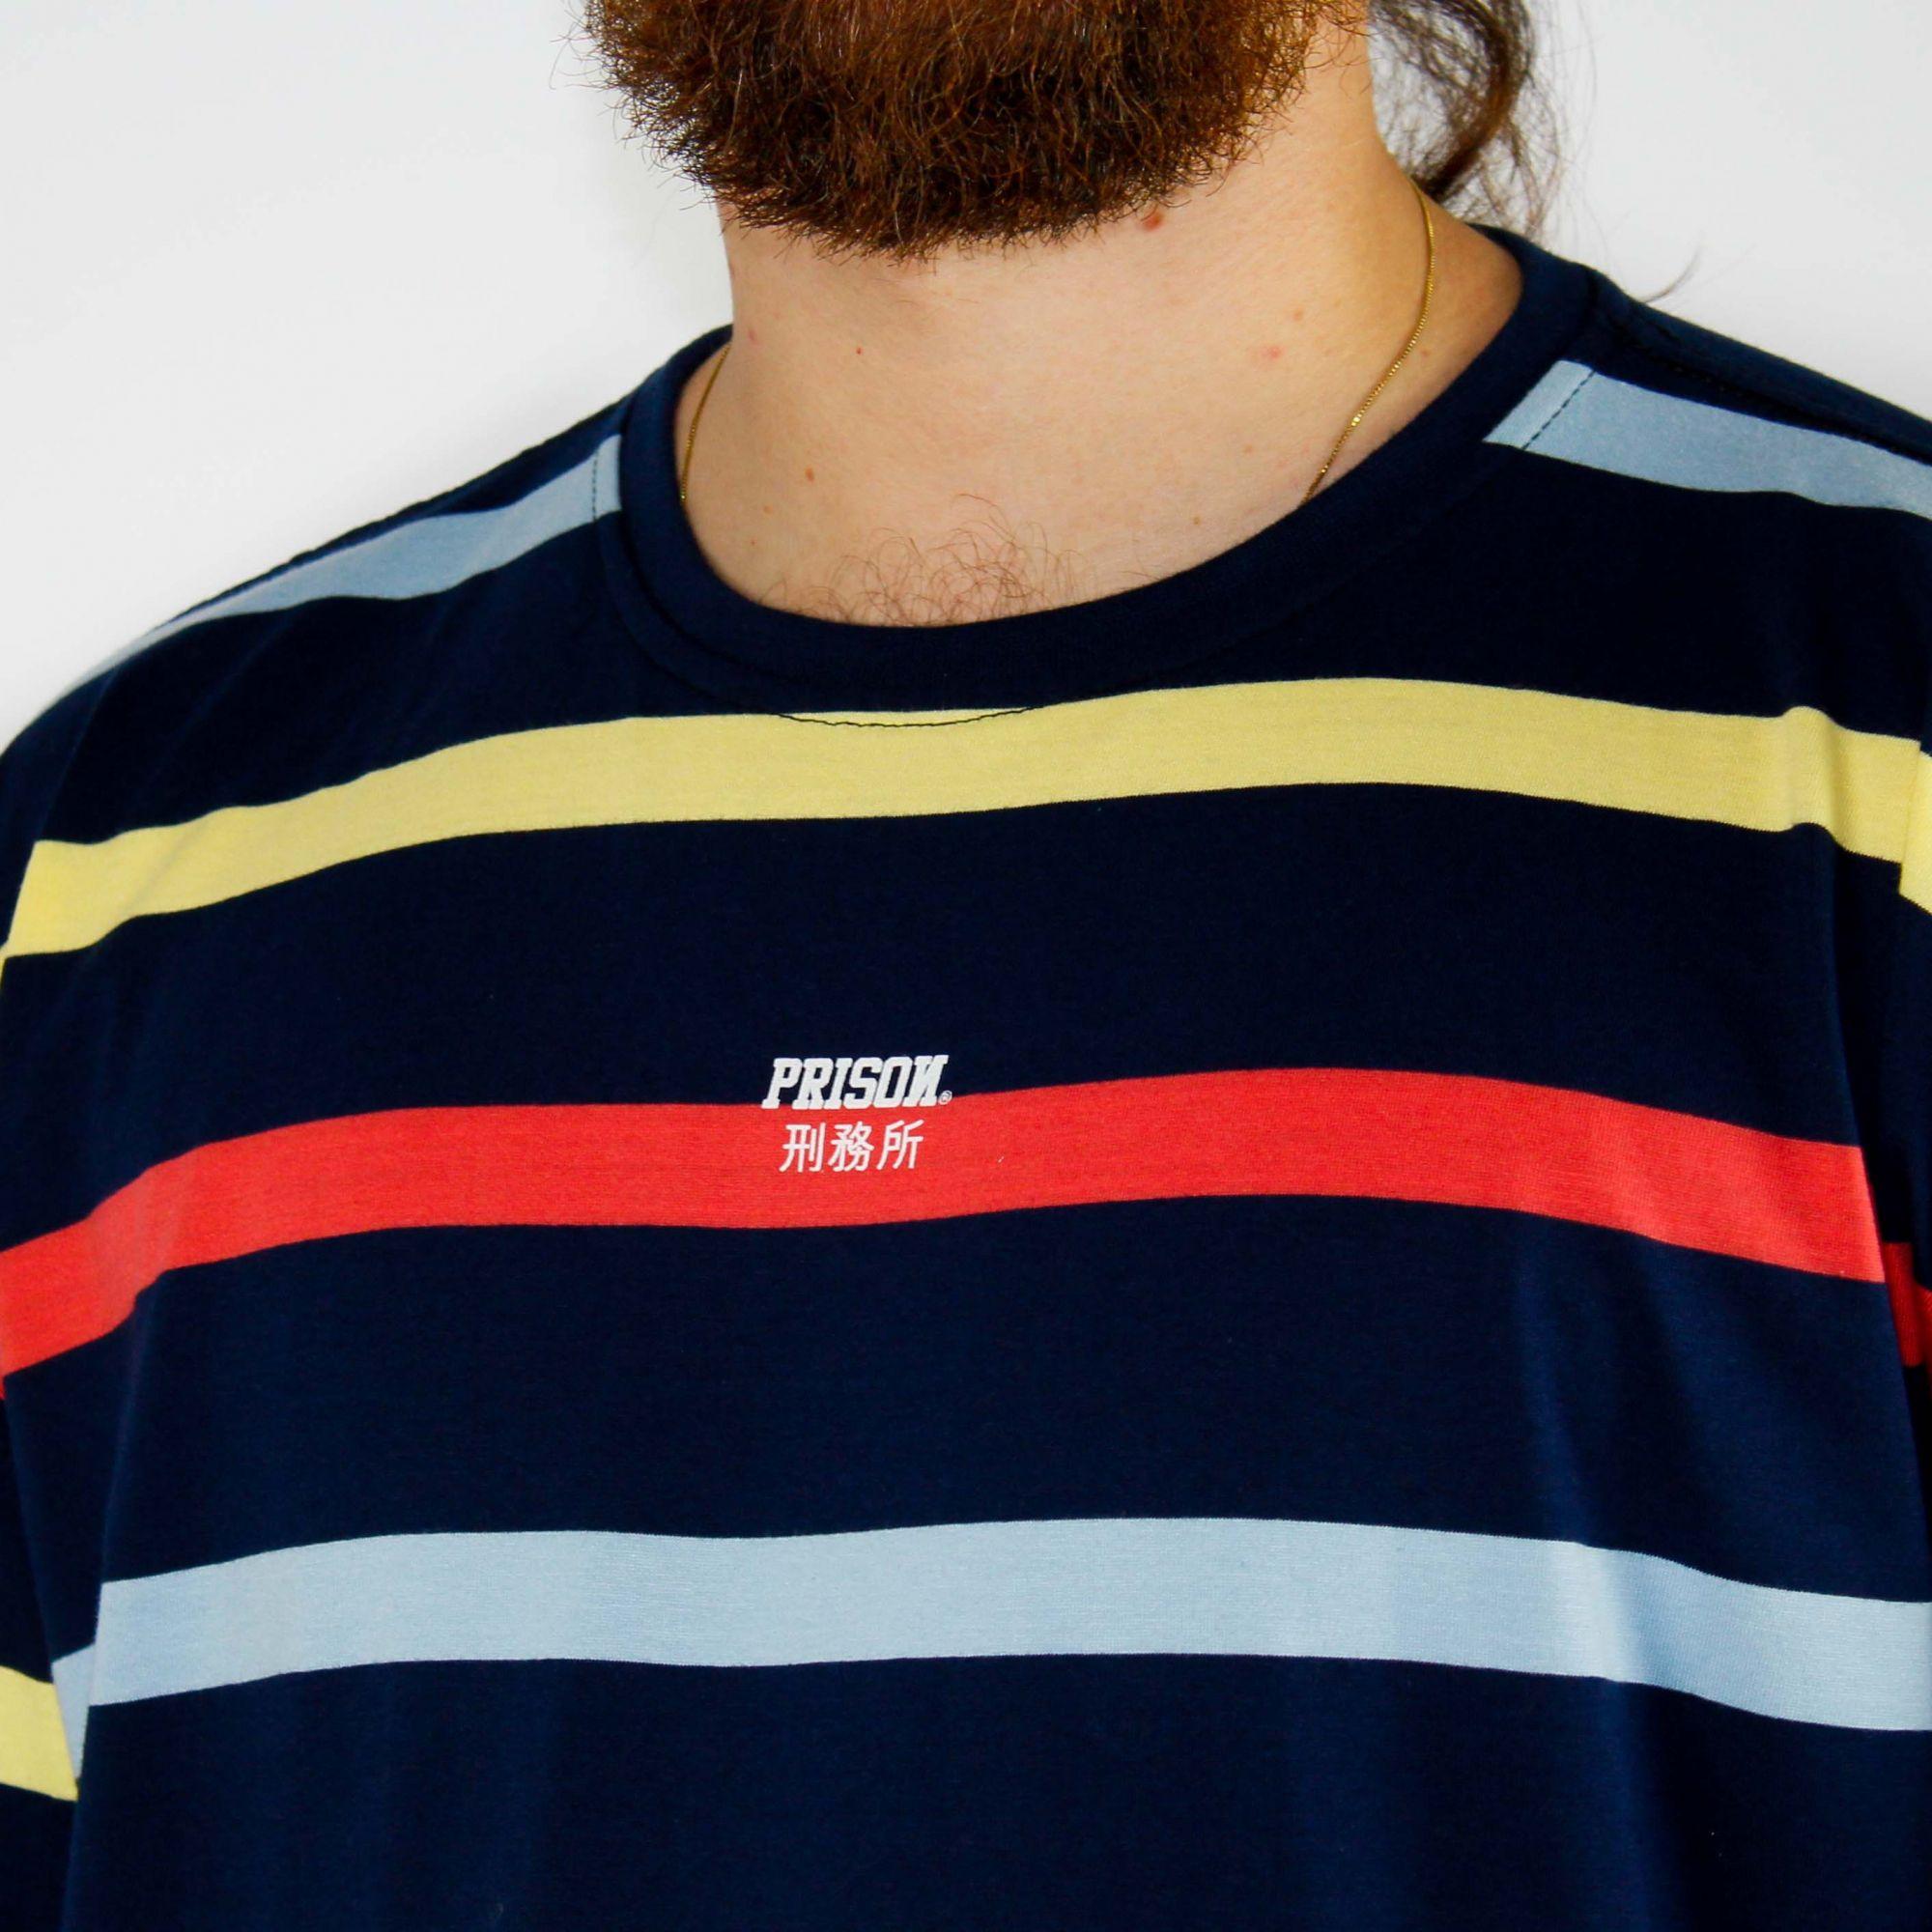 Camiseta Prison Listrada Azul/Vermelha/Amarela